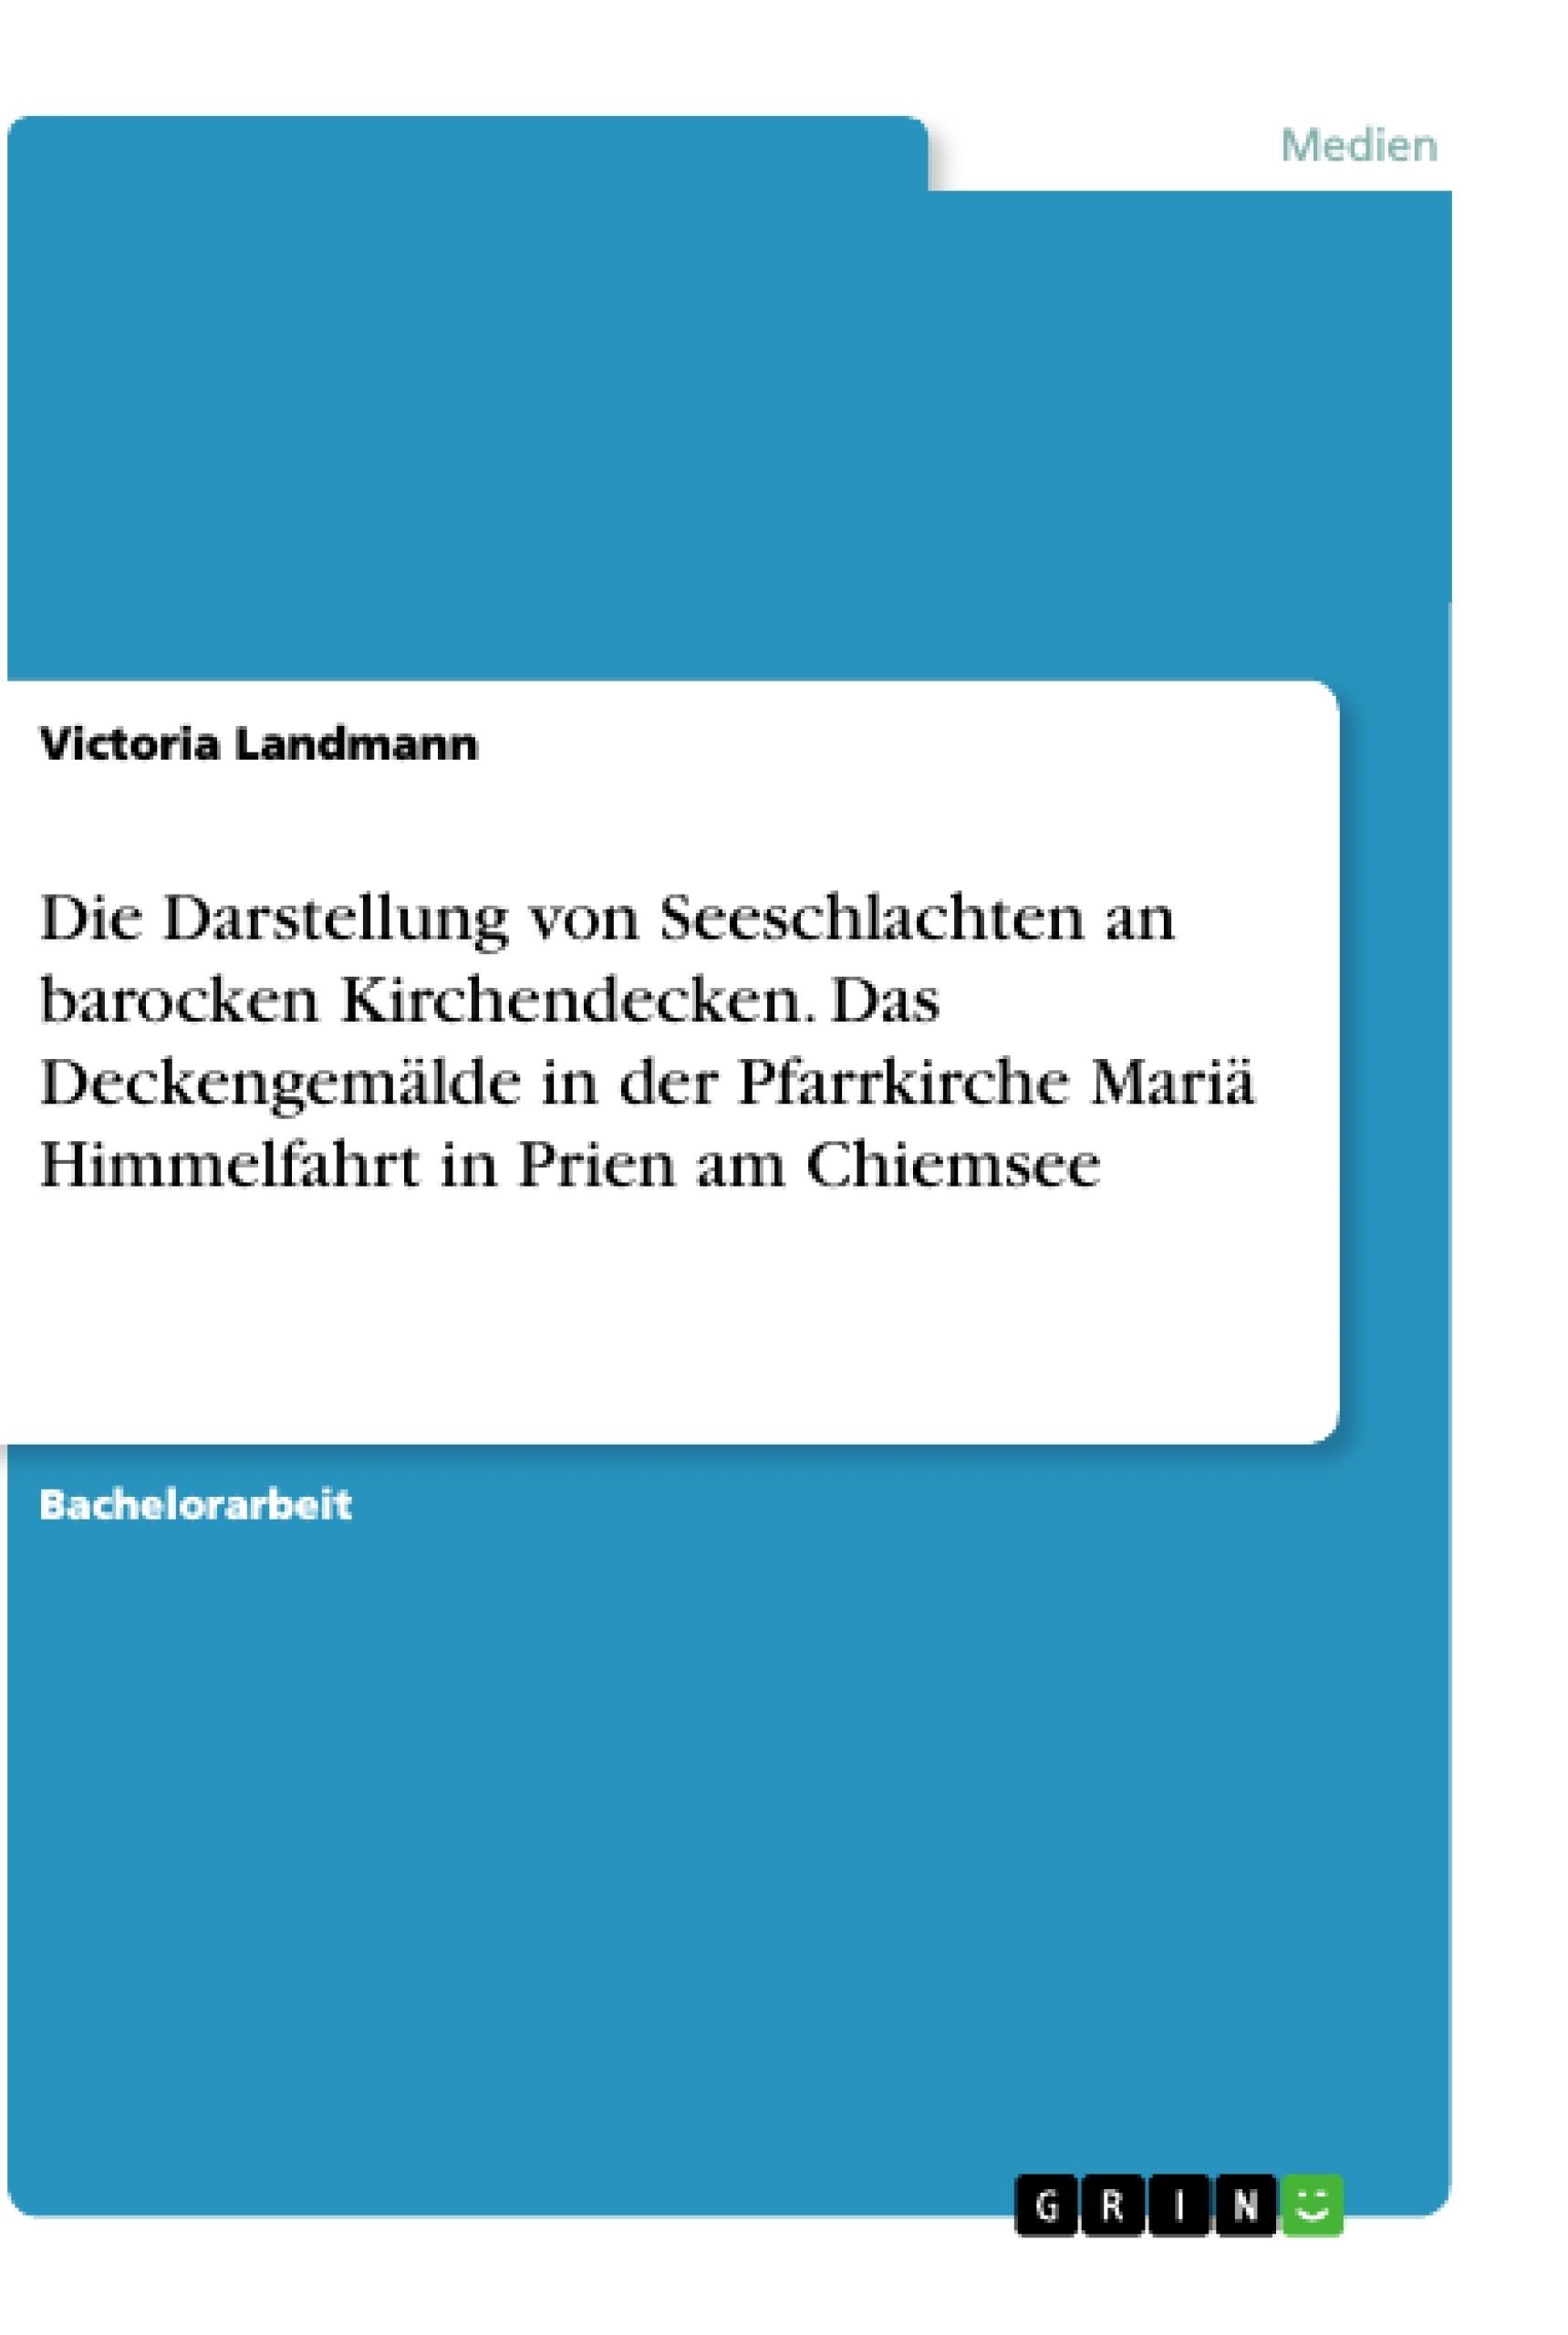 Titel: Die Darstellung von Seeschlachten an barocken Kirchendecken. Das Deckengemälde in der Pfarrkirche Mariä Himmelfahrt in Prien am Chiemsee